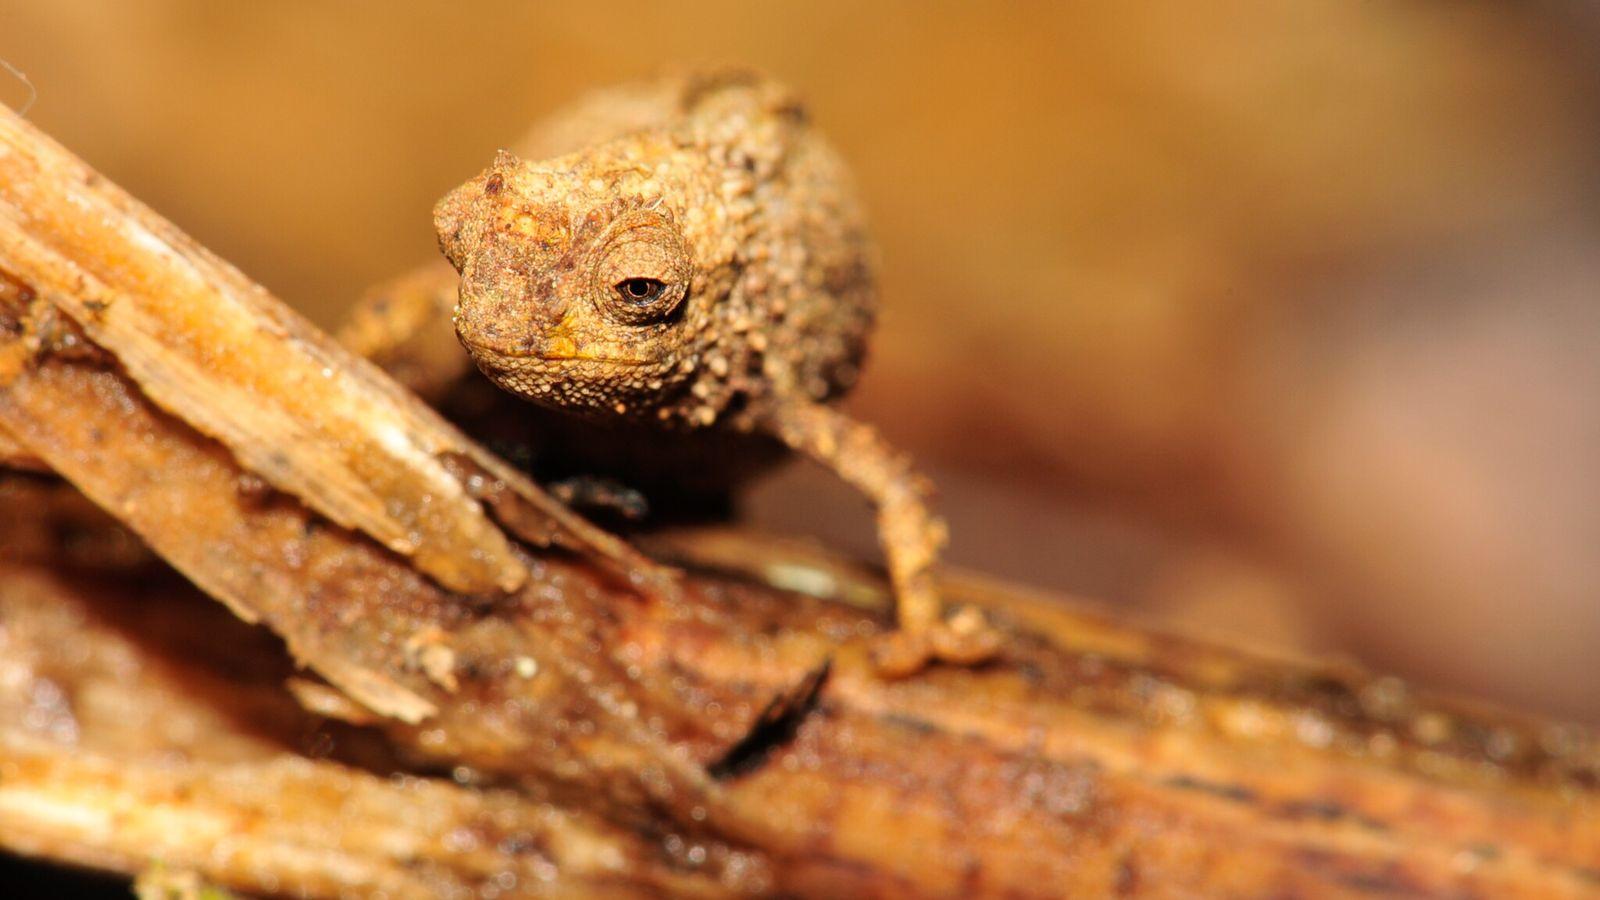 Camaleão fêmea da espécie Brookesia nana em Madagascar, provavelmente o menor réptil do planeta.